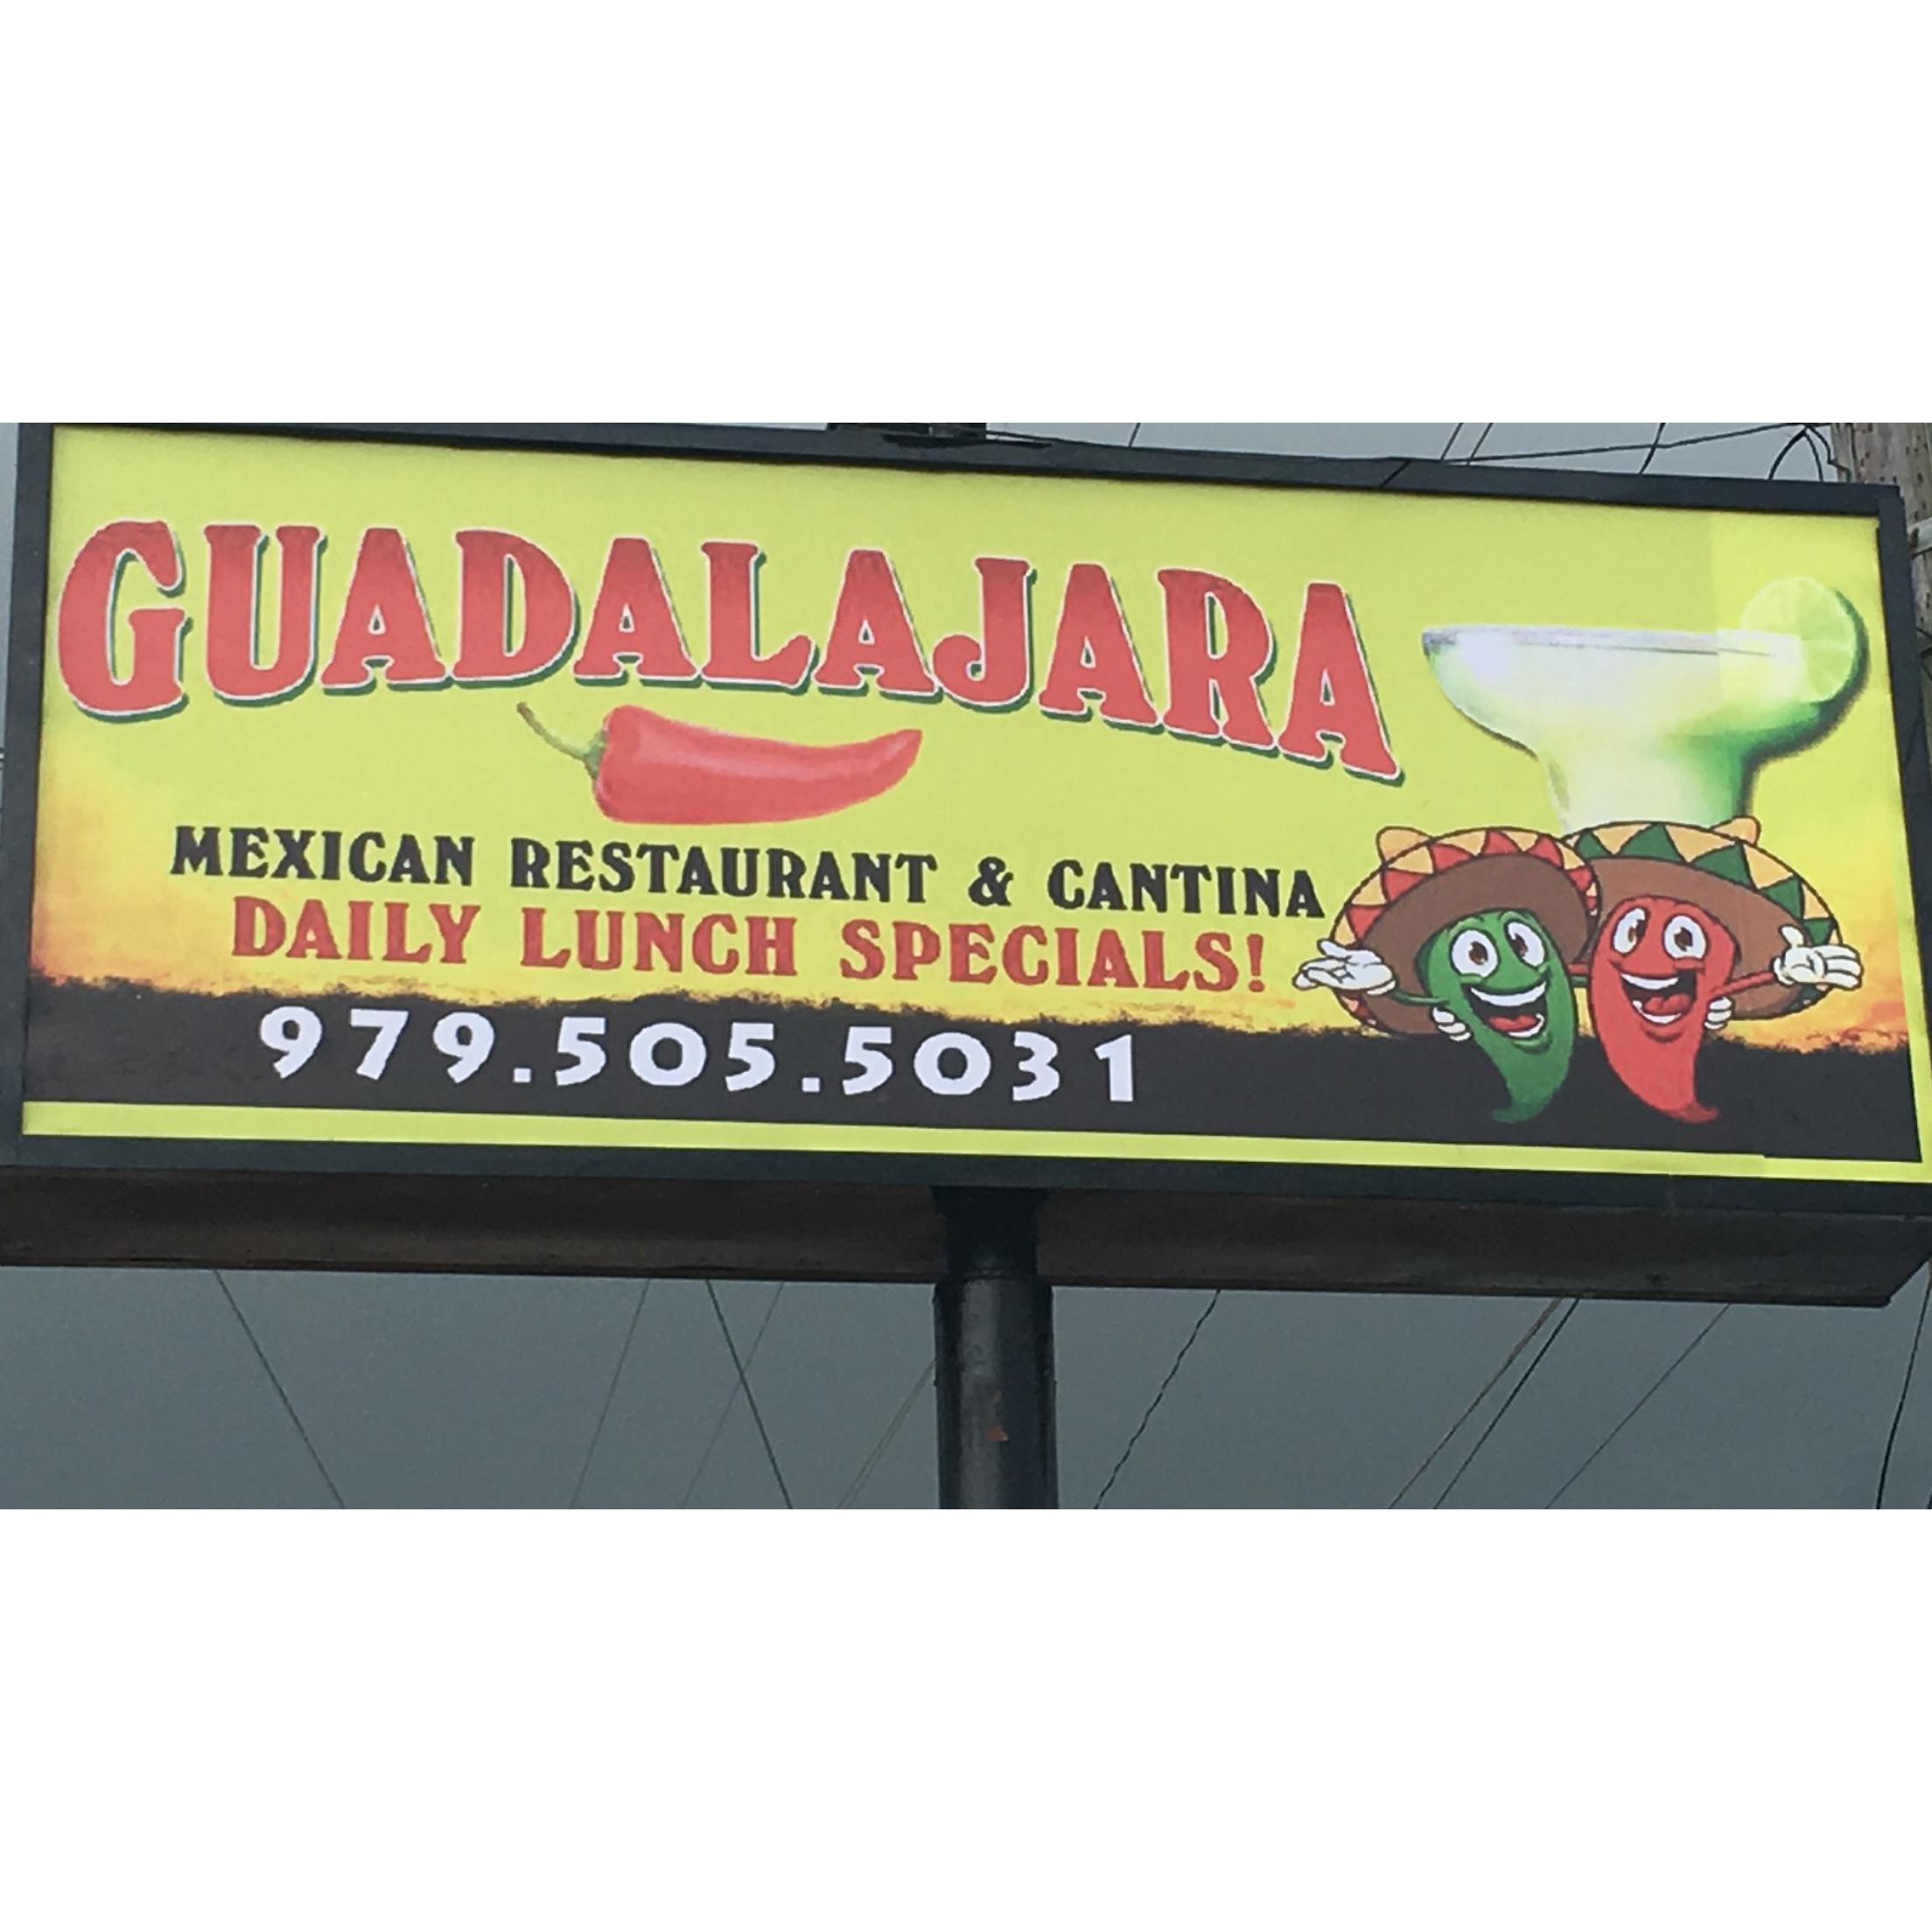 Guadalajara Mexican Restaurant & Cantina